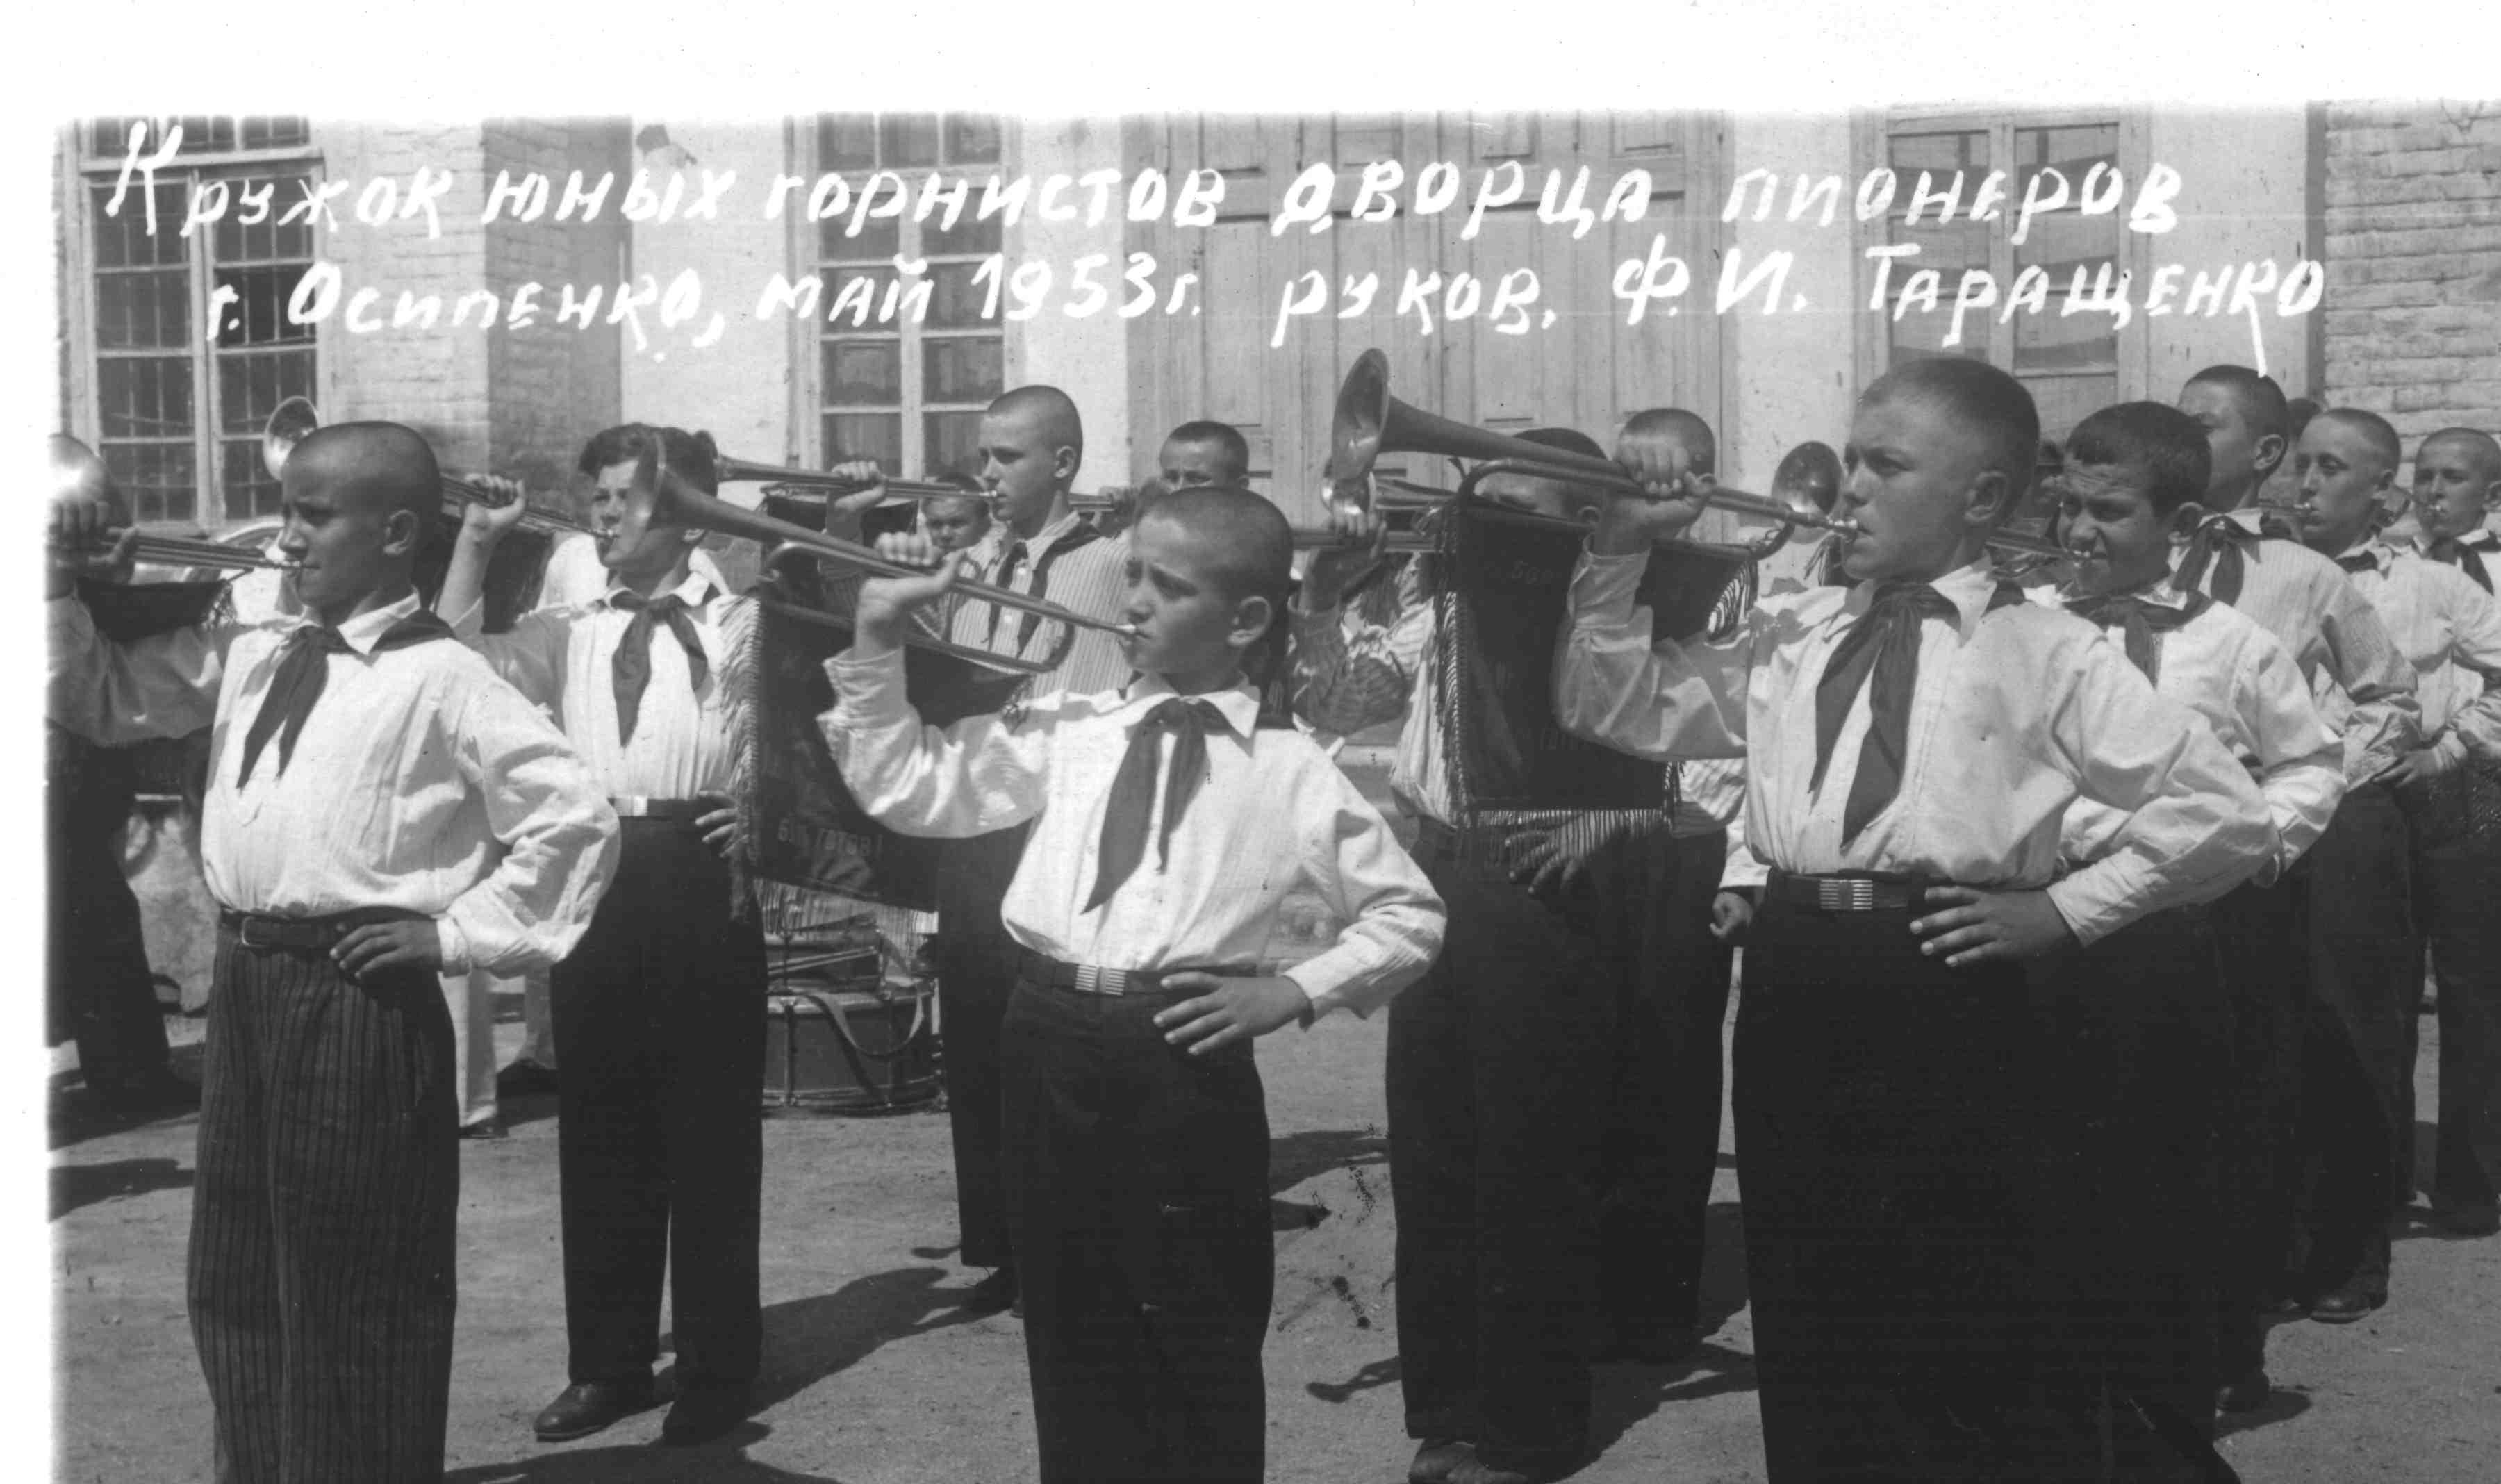 Кружок юных горнистов, рук. Таращенко Ф.